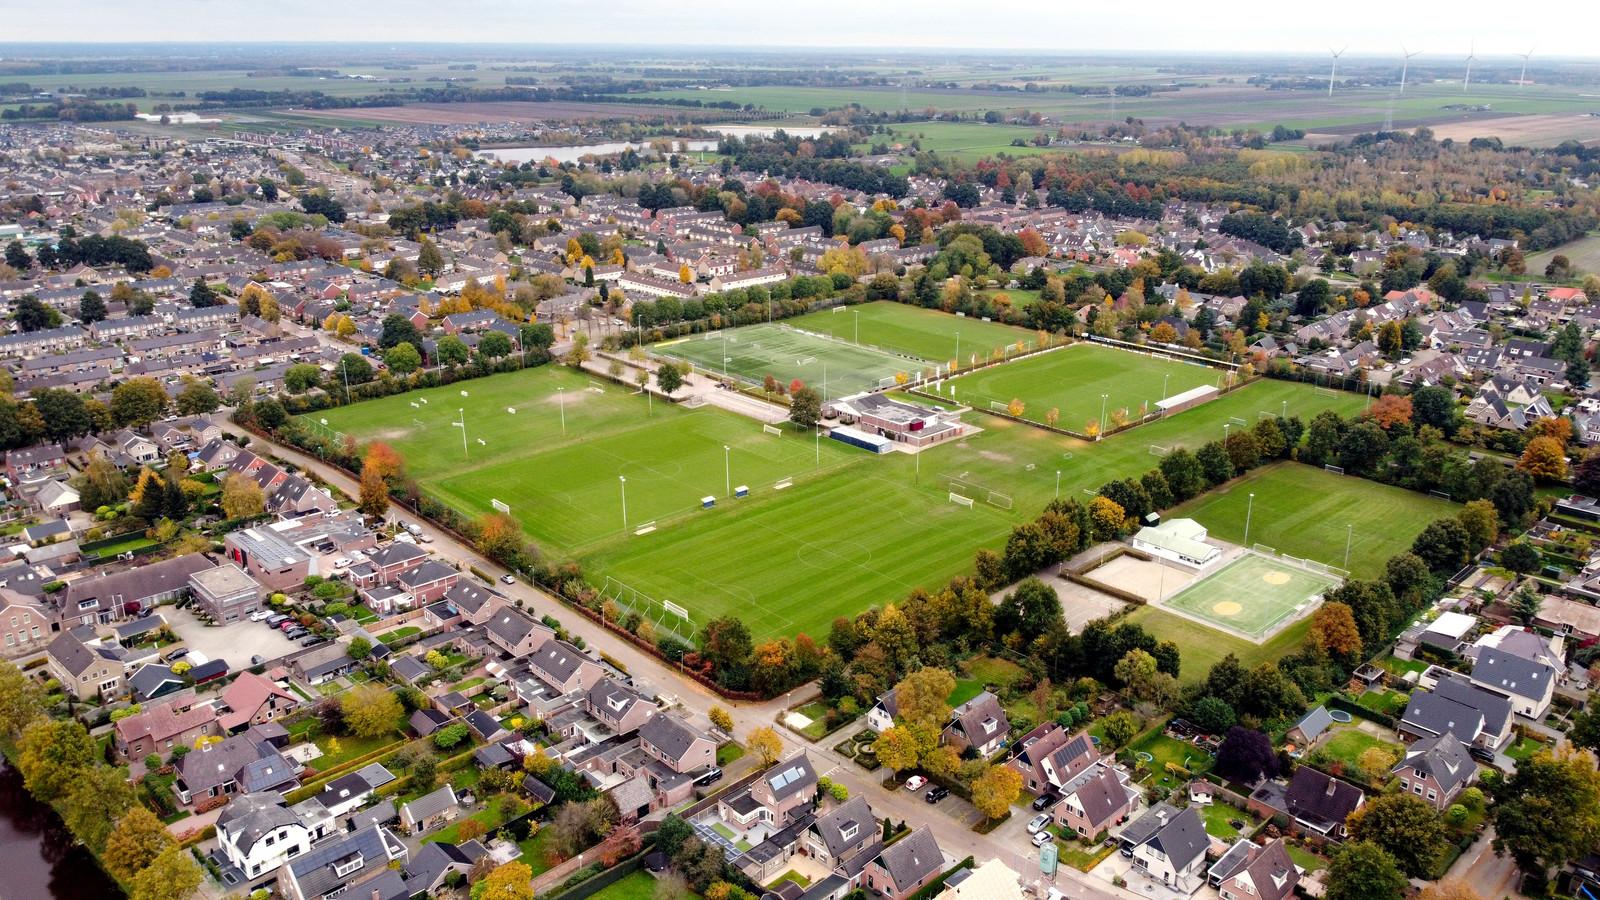 Sportpark De Boekweit in Dedemsvaart. Midden boven is het water zichtbaar van de Kotermeerstal, waarnaast de voetbal- en korfbalclubs graag hun nieuwe sportpark zien verrijzen.